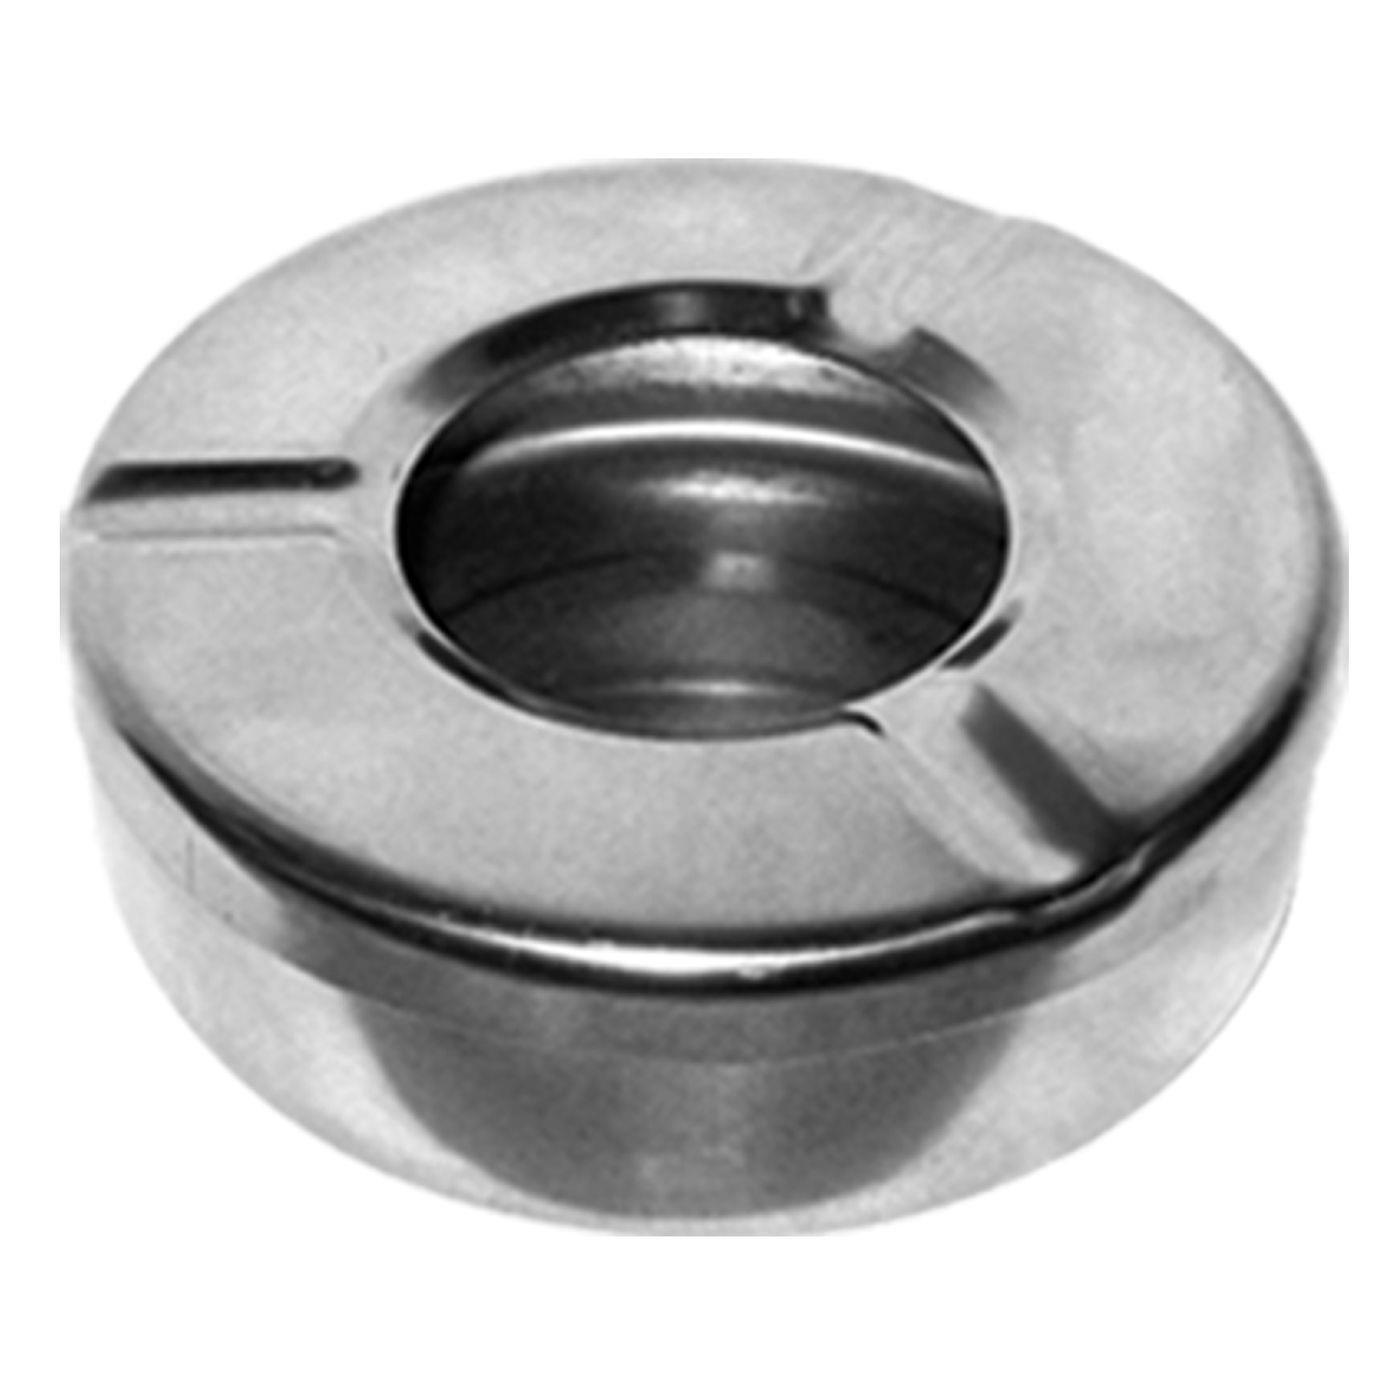 ΤΑΣΑΚΙ INOX 9,5x3,5cm